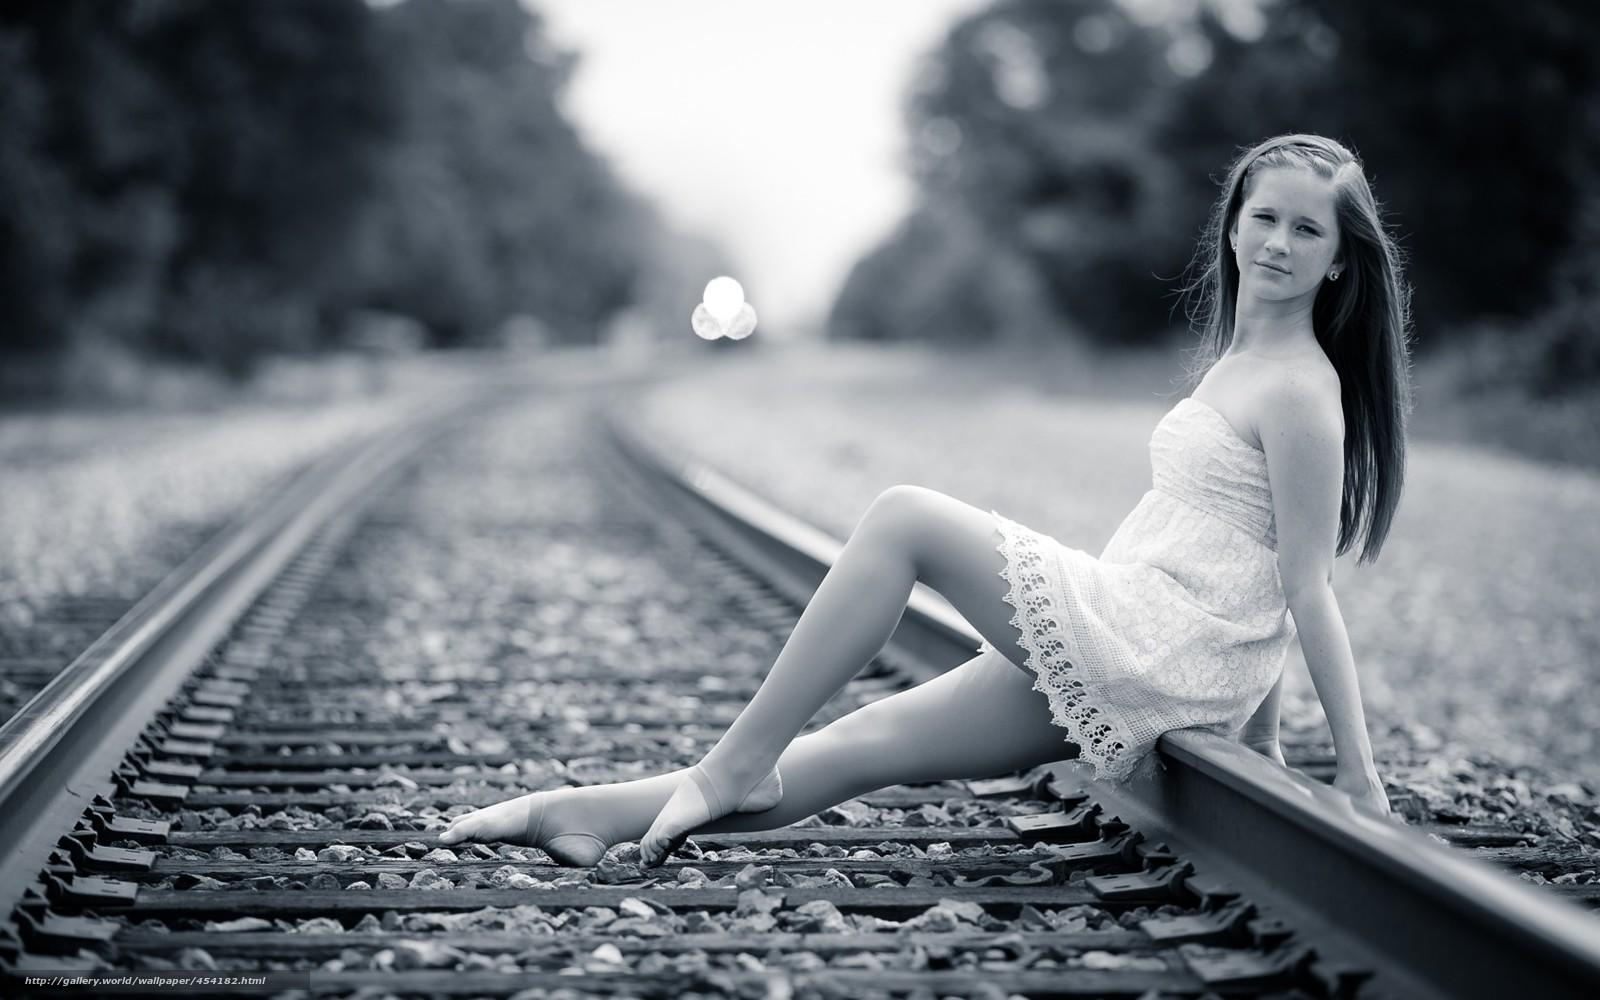 Фото девушек на фоне поезда 7 фотография